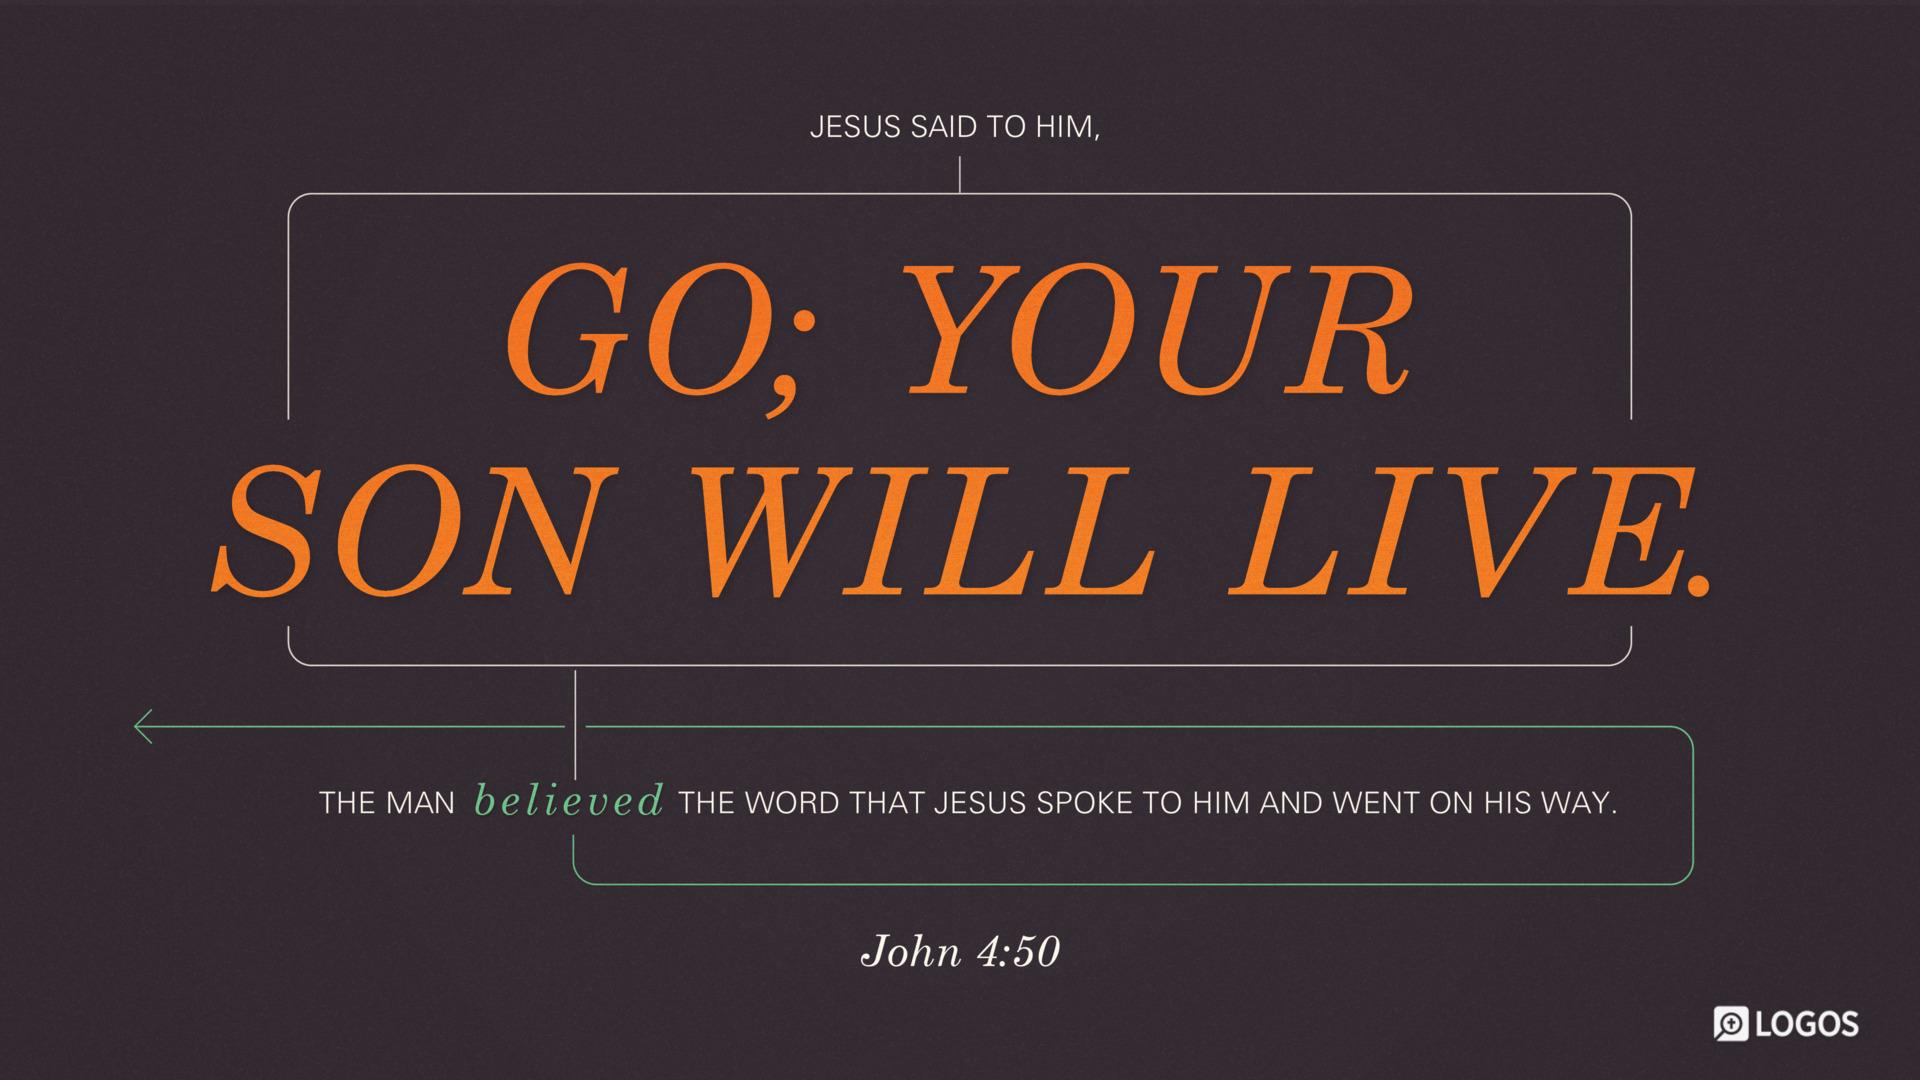 John 4:50